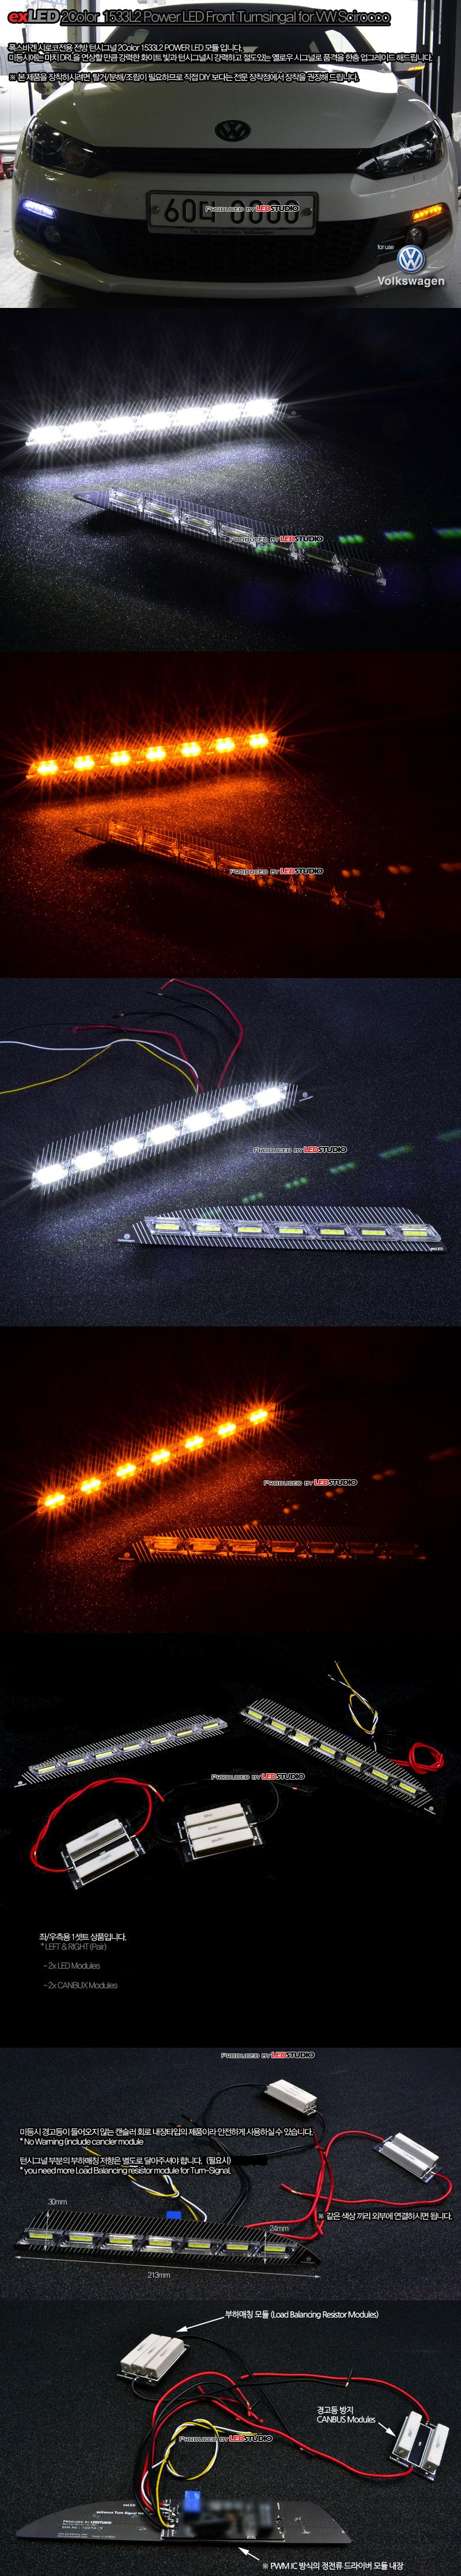 exLED 폭스바겐 시로코용 1533L2 POWER LED 전방 시그널 LED 모듈 Ver.3